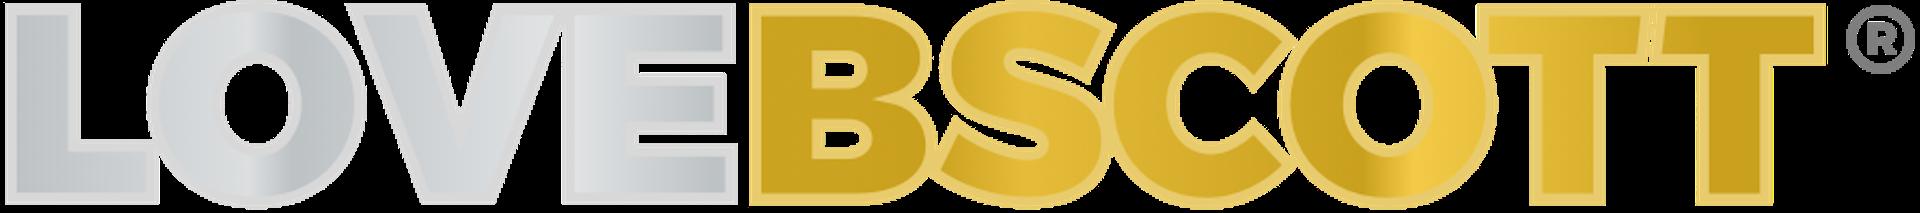 lovebscott-logo